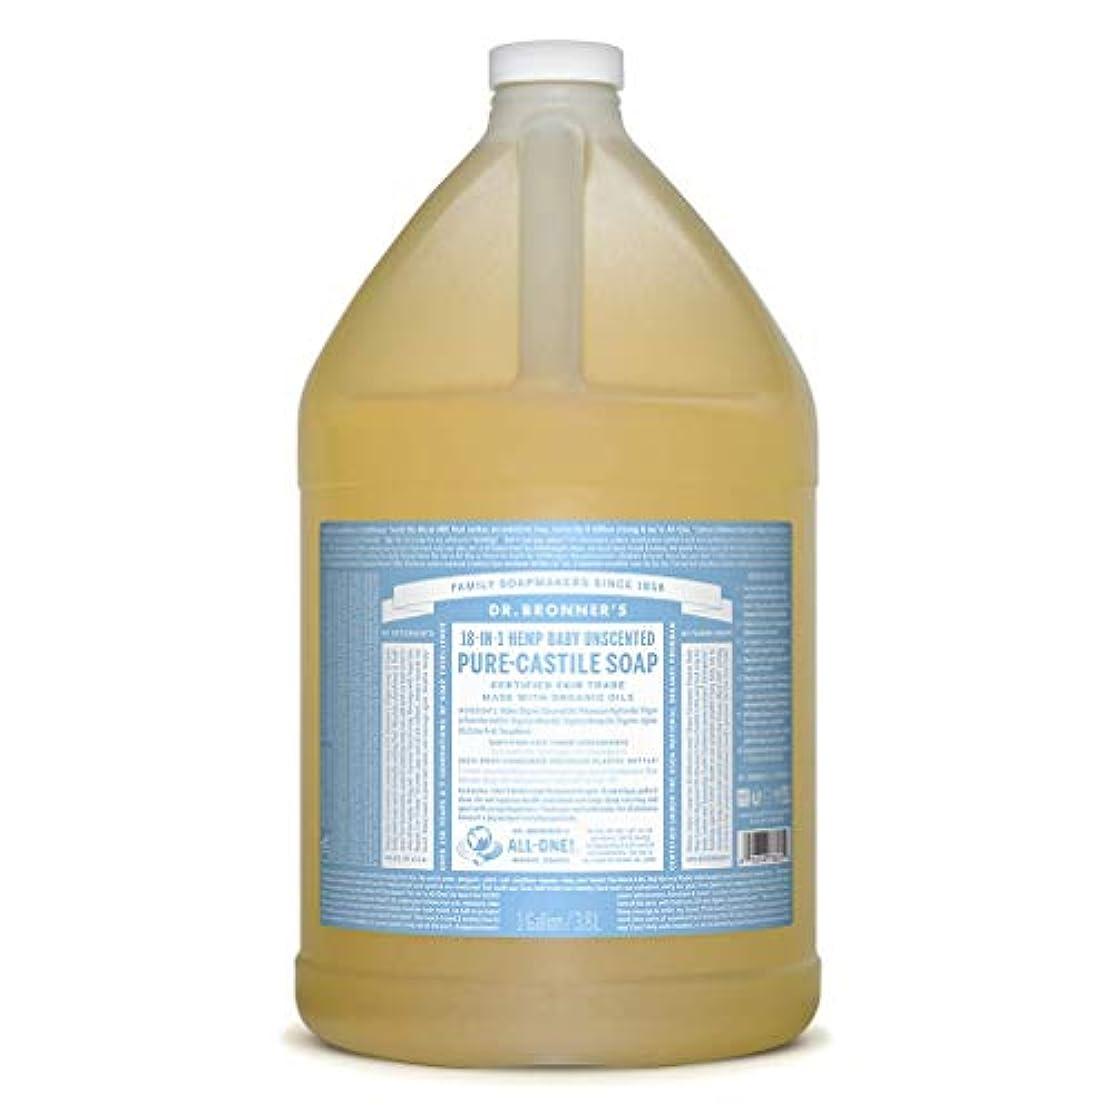 アラビア語電報一節ドクターブロナー マジックソープ液体 ベビーマイルド 3785ml